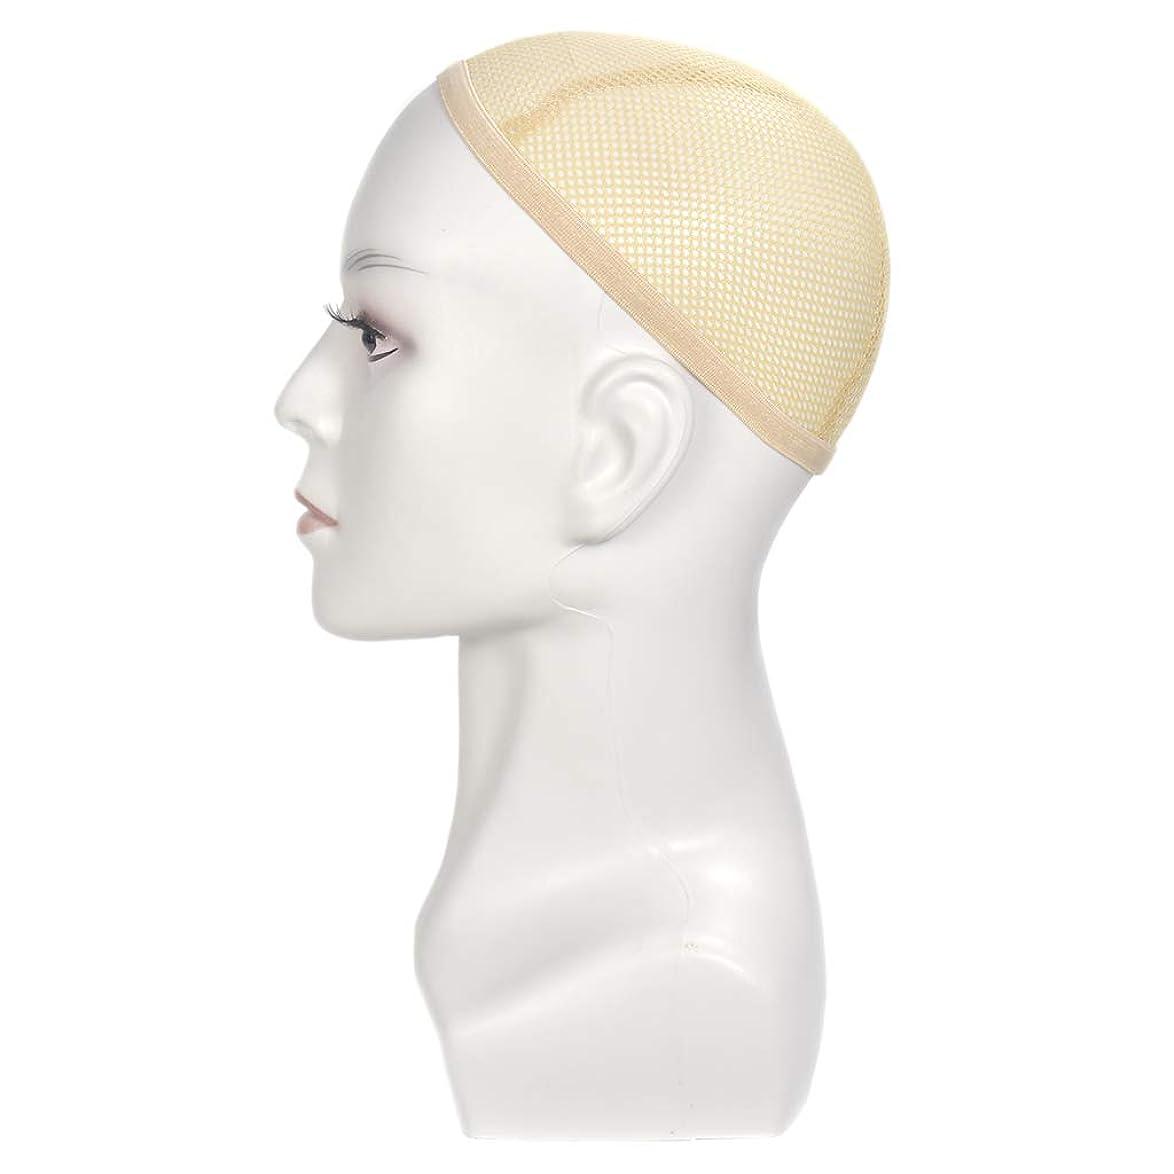 虫アクロバット下るウィッグ用マネキンヘッドディスプレイスタイリング理髪トレーニングヘッド13.8インチ-色の選択 - 白